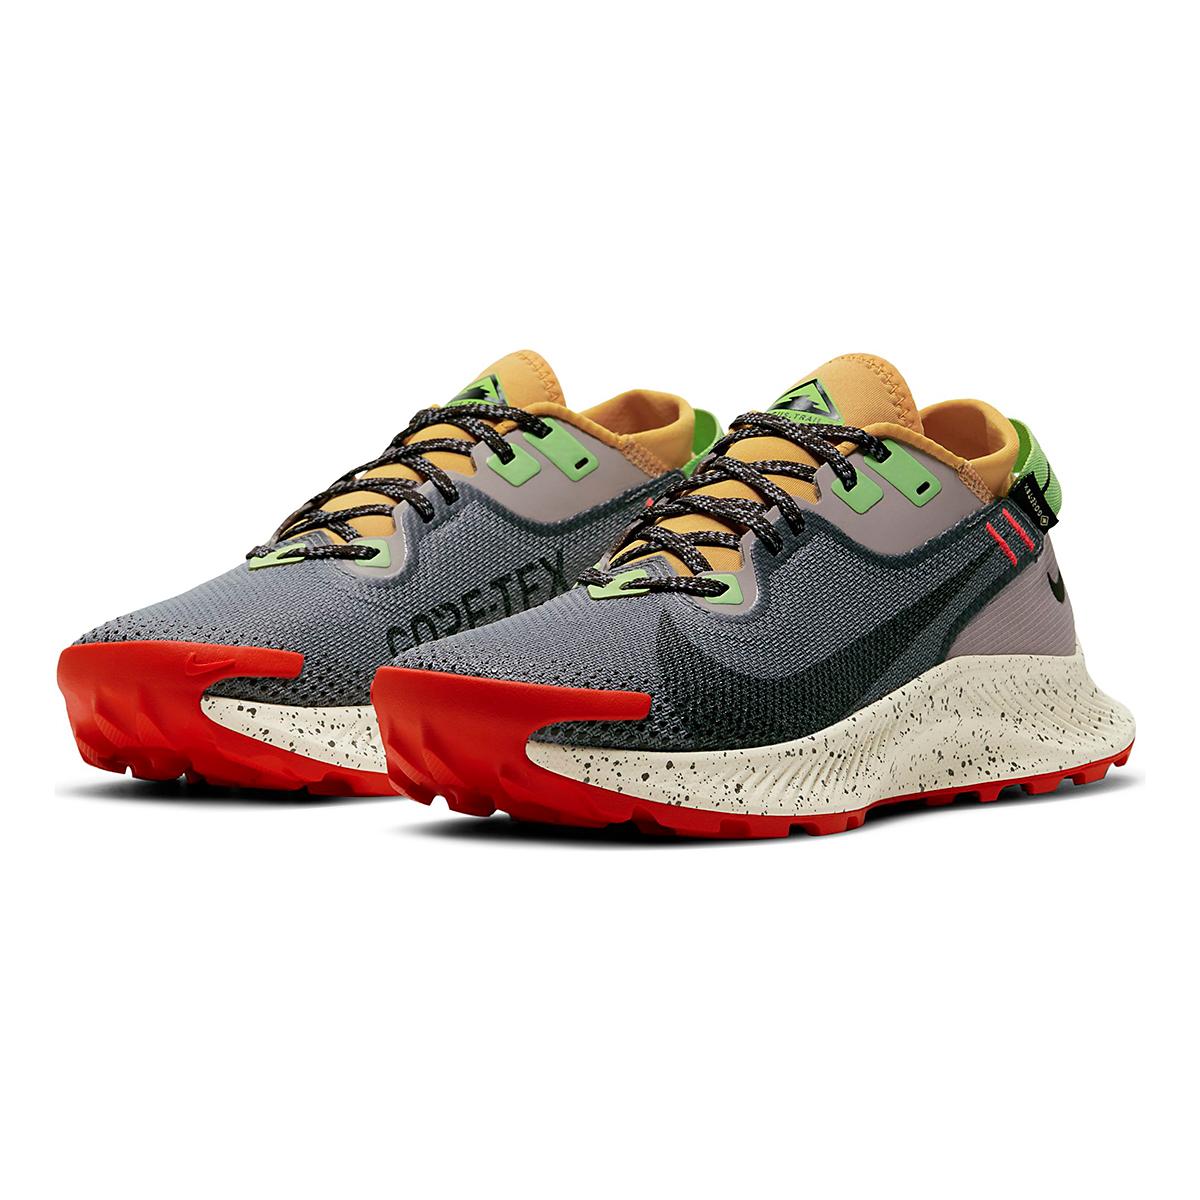 Women's Nike Pegasus Trail 2 Gore-Tex Running Shoe - Color: Smoke Grey/Black-Bucktan-College Grey - Size: 5 - Width: Regular, Smoke Grey/Black-Bucktan-College Grey, large, image 3